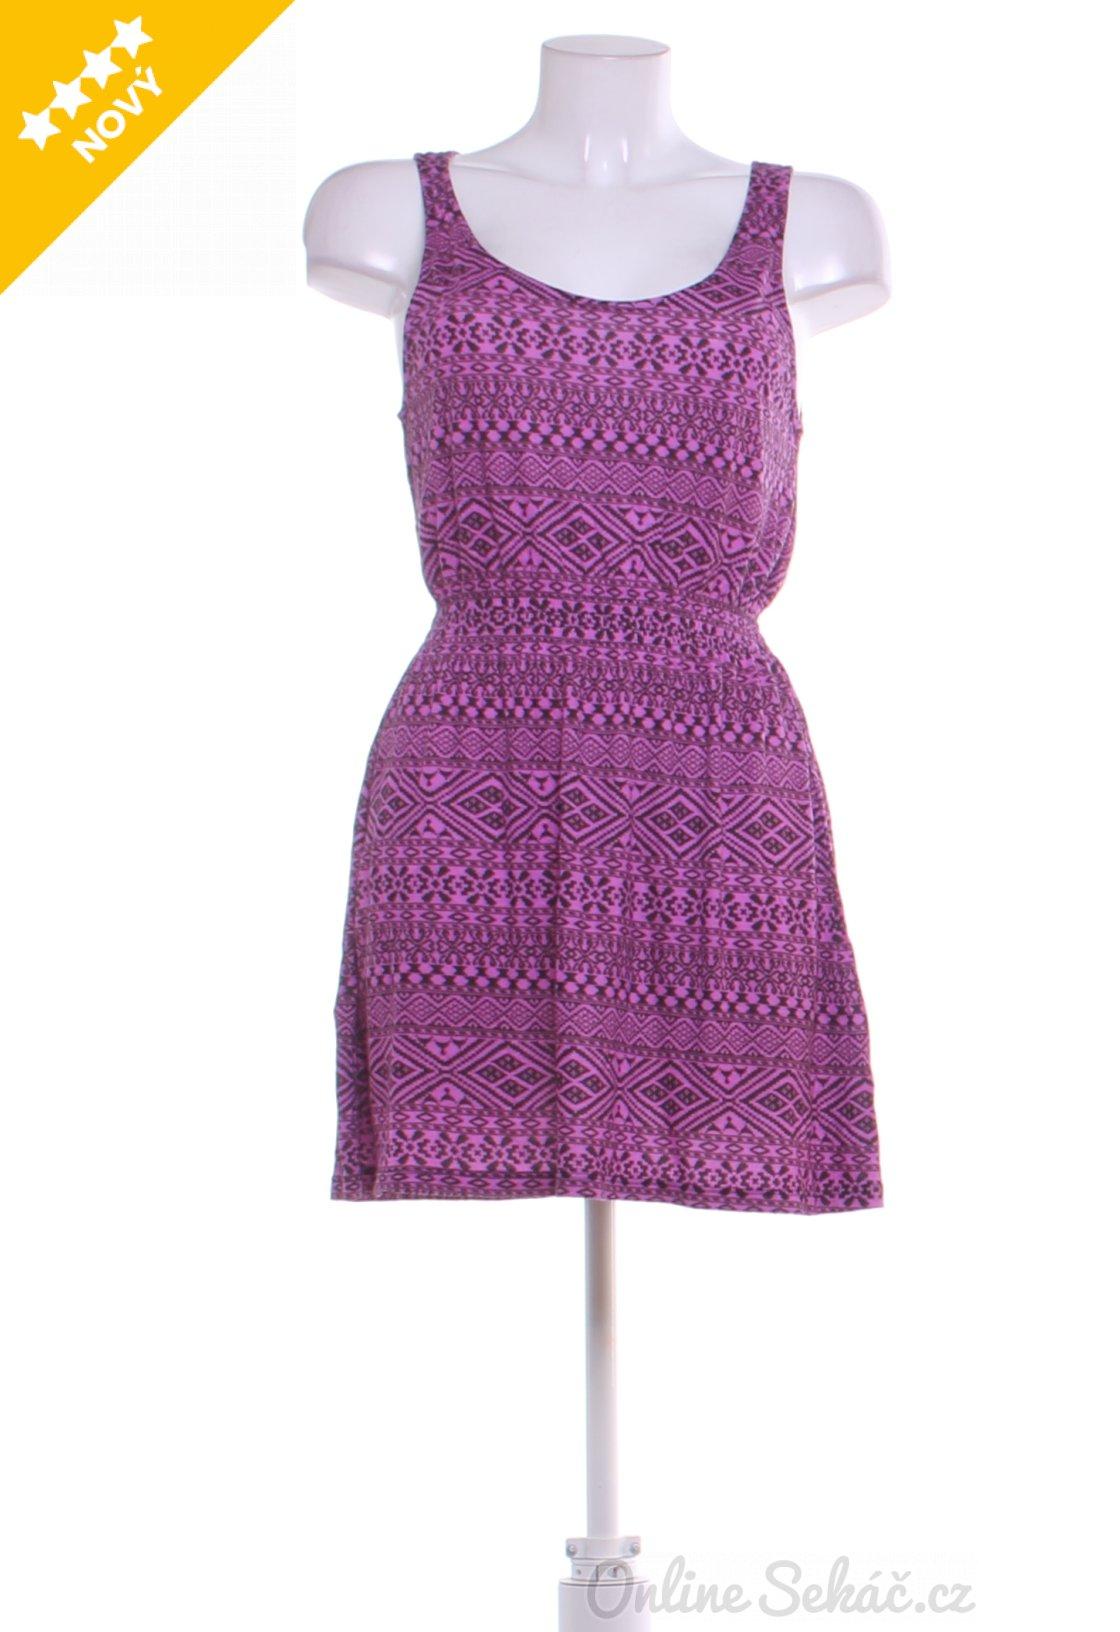 Dámské letní šaty GATE nový L c5e01d8893